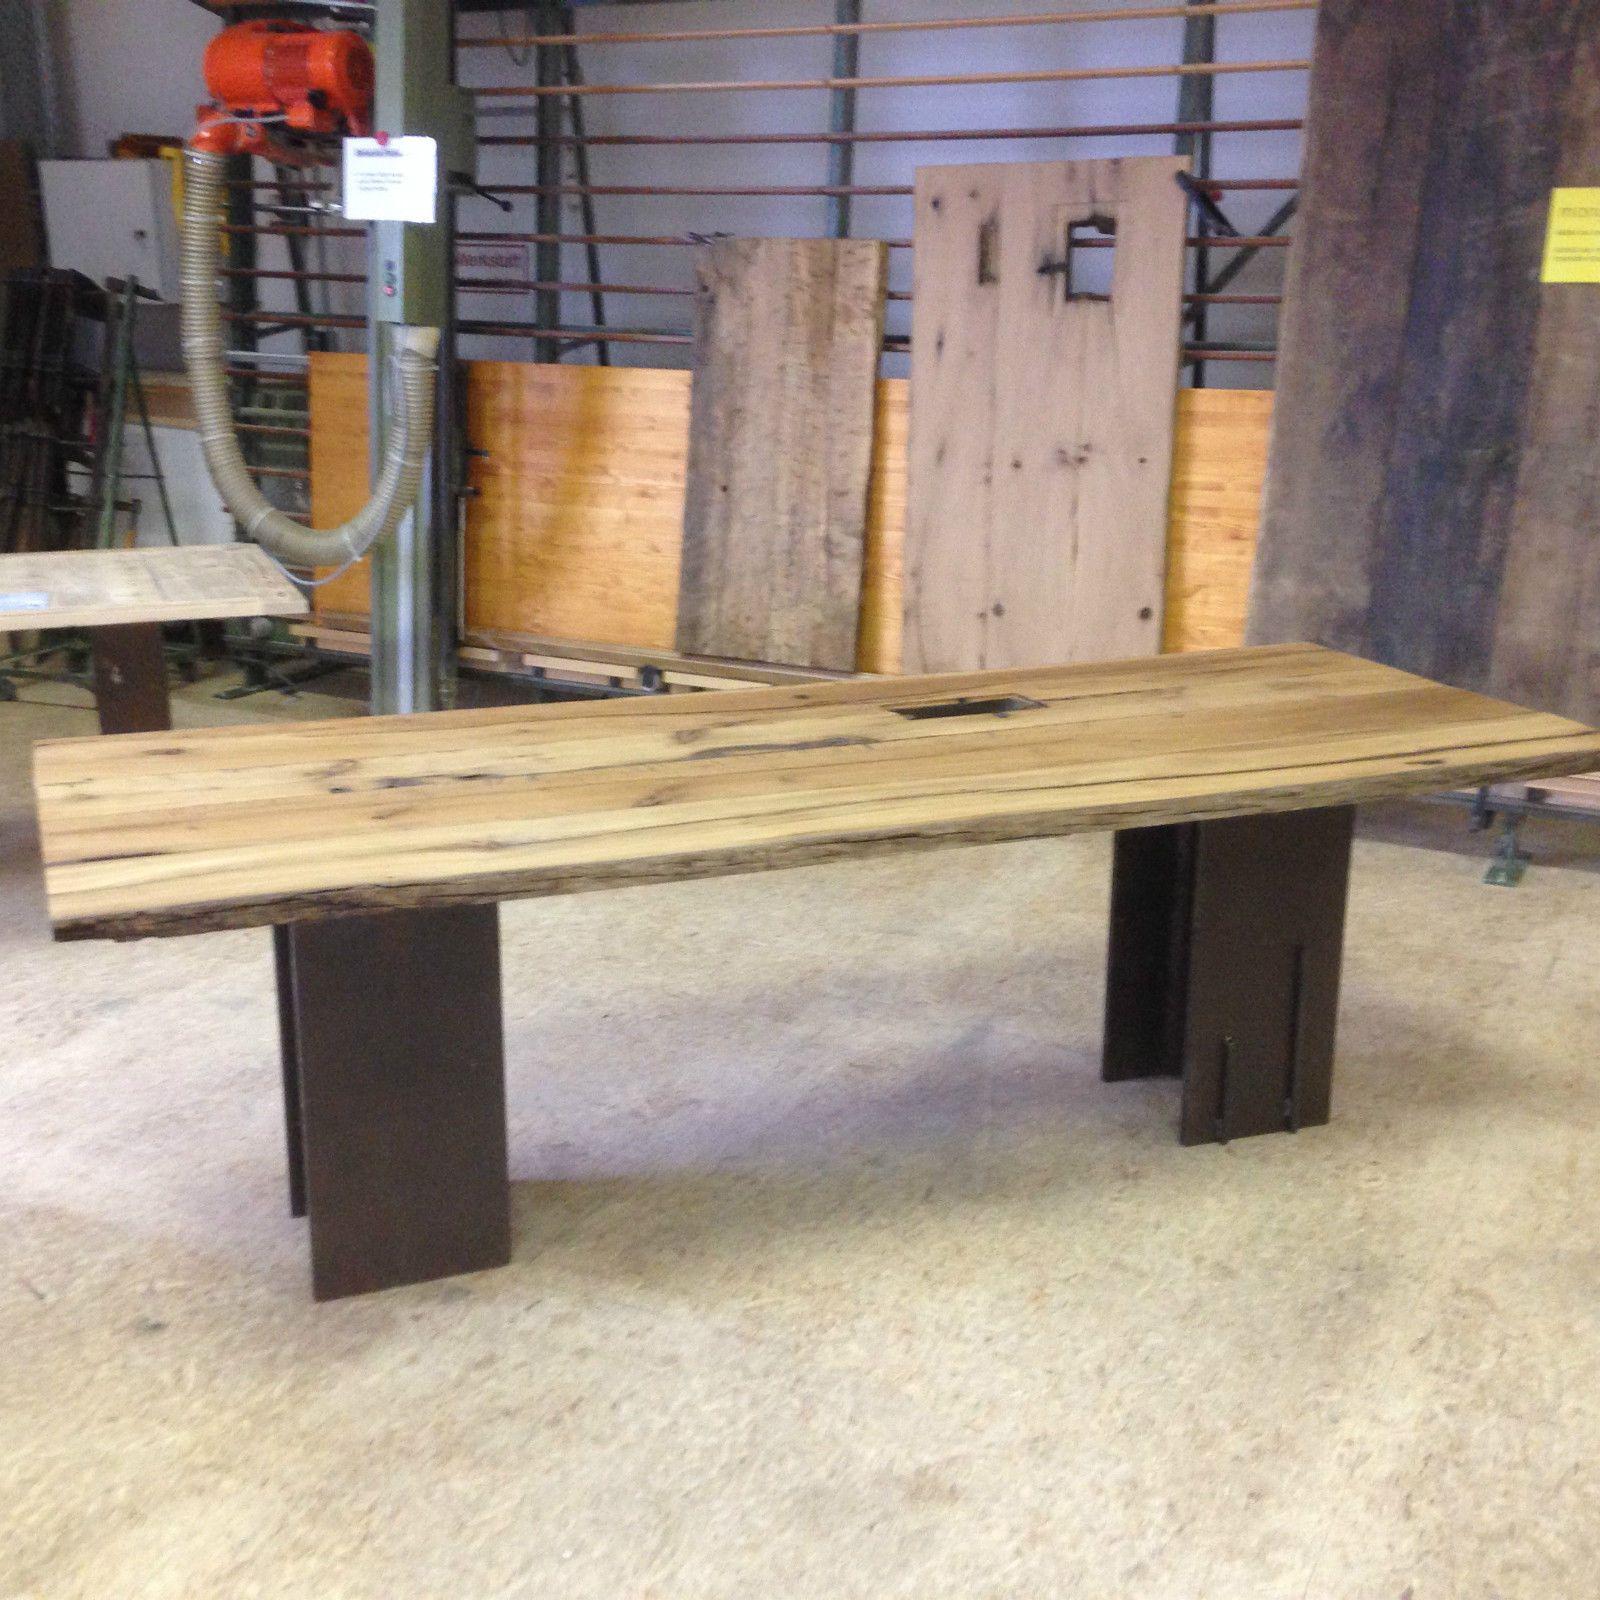 Altholztisch Tisch Altholz, Alte Eiche, Rustikal Massiv  Esstisch,Industriedesign In Möbel U0026 Wohnen